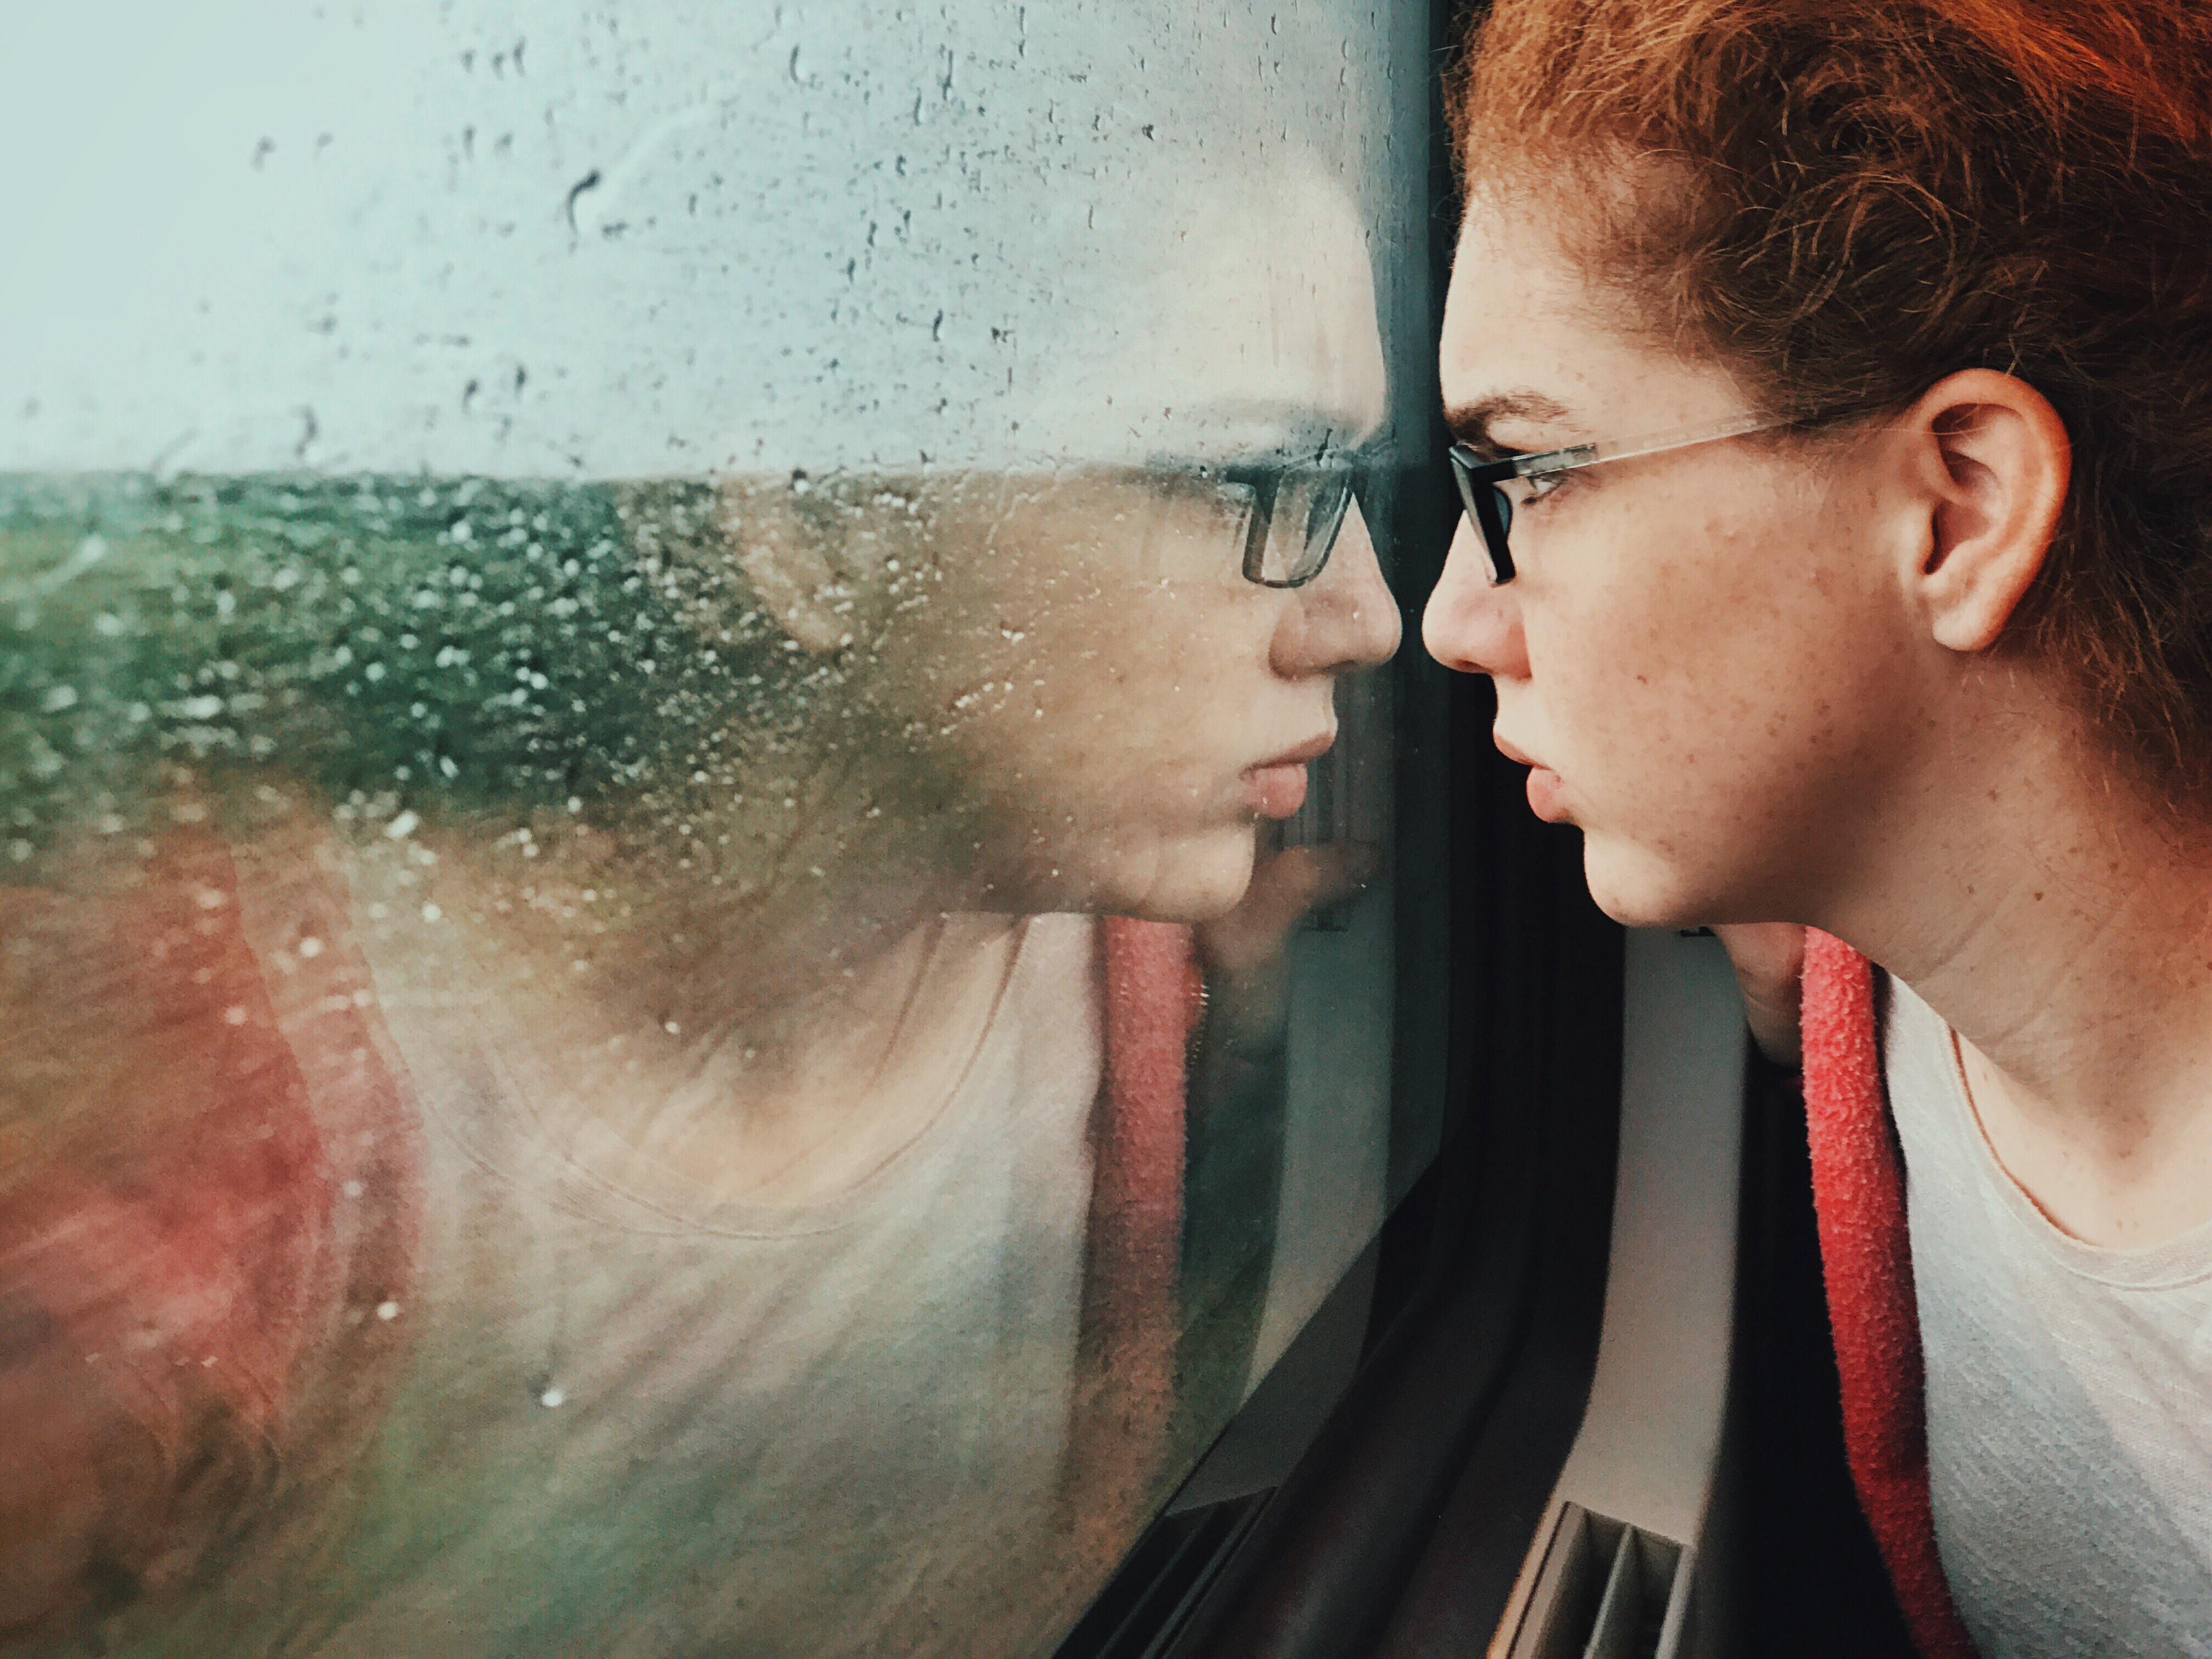 Wallpaper Men Face People Women Portrait Water Glasses Love